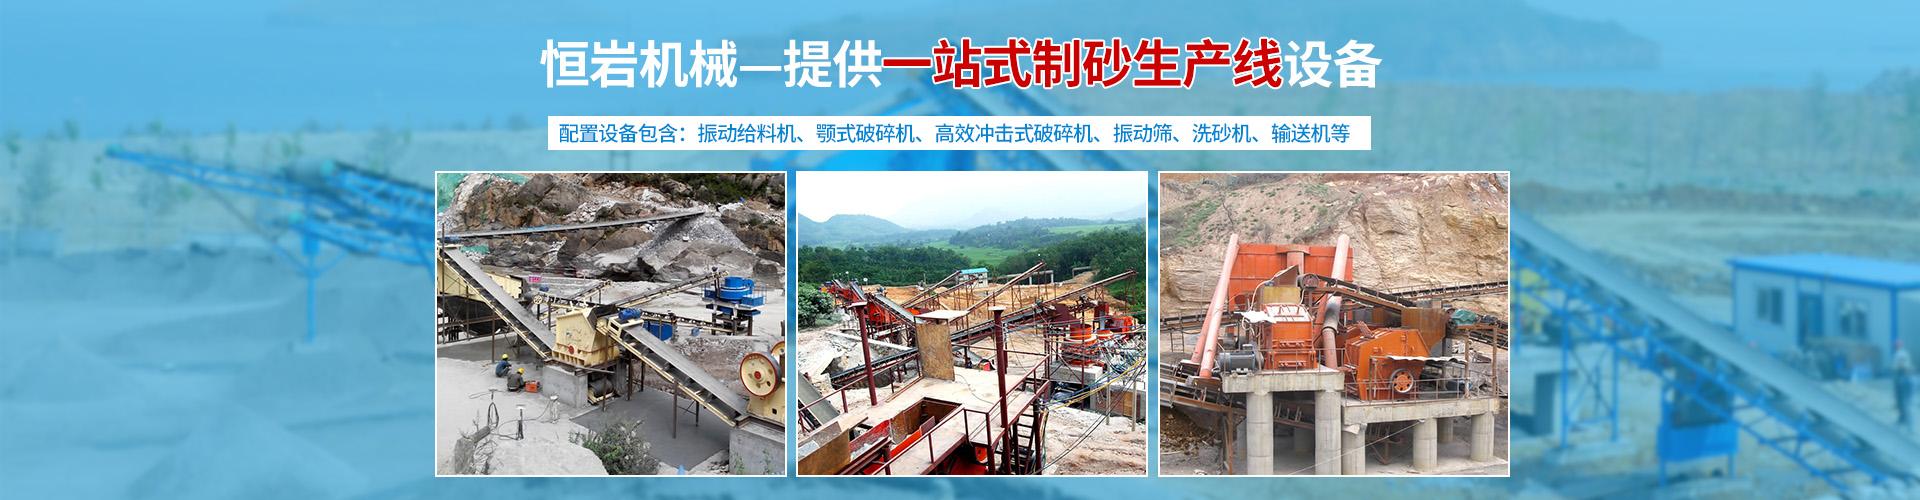 砂石生产线厂家